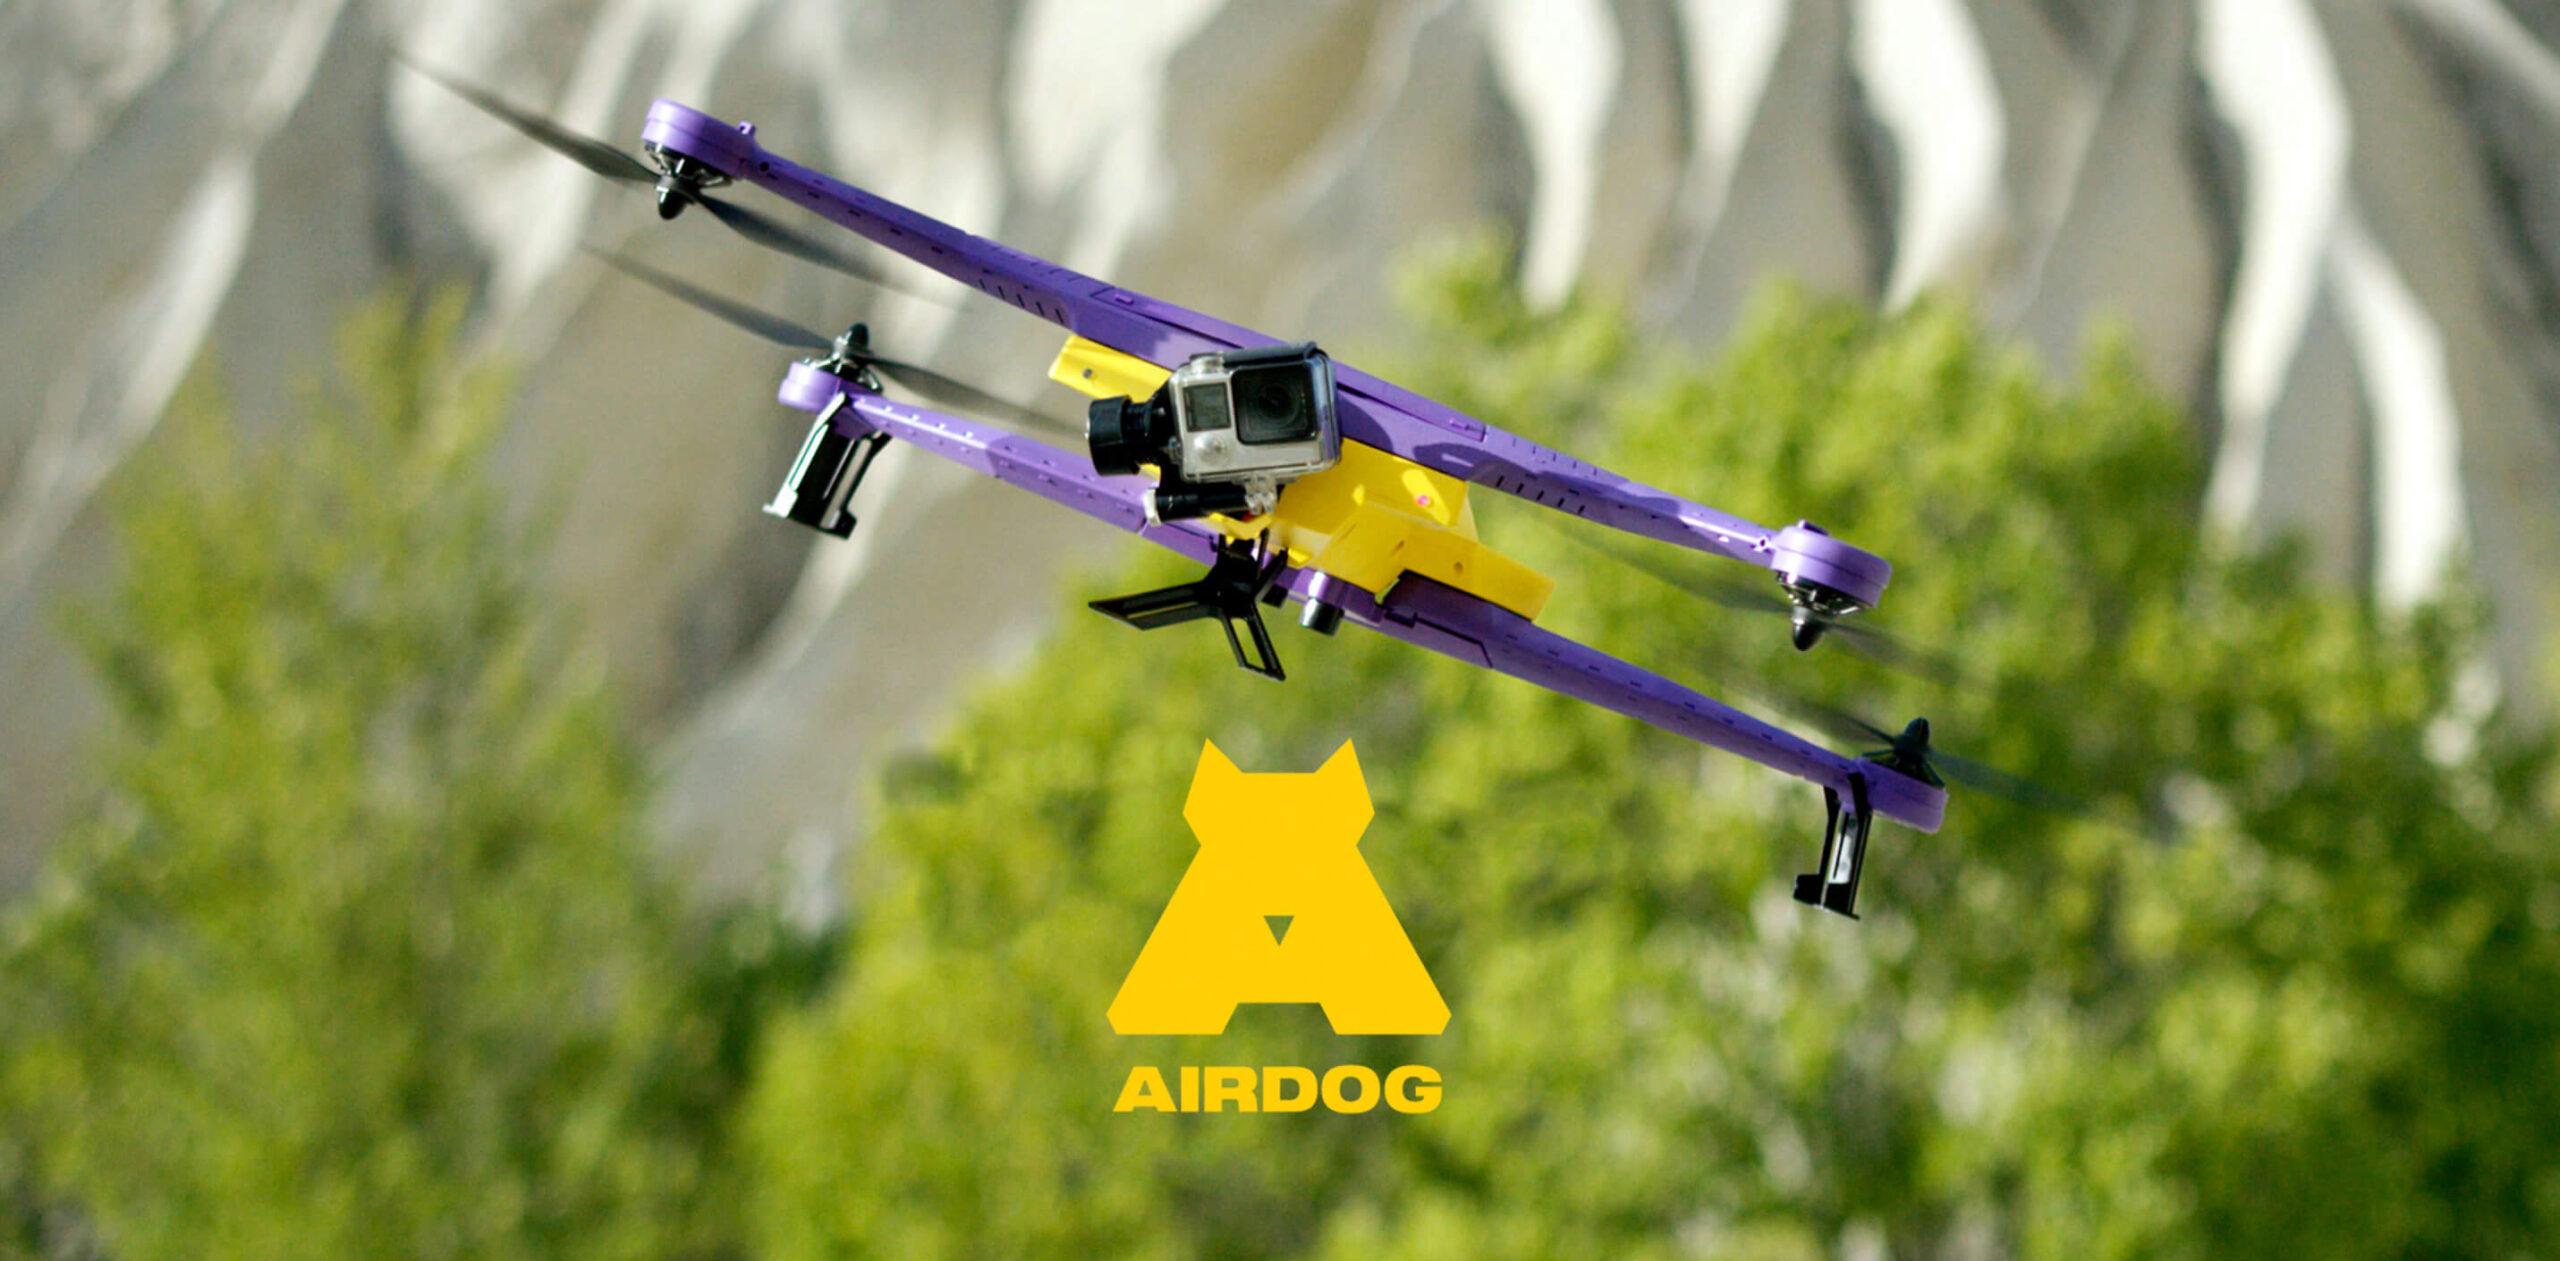 air dog drone